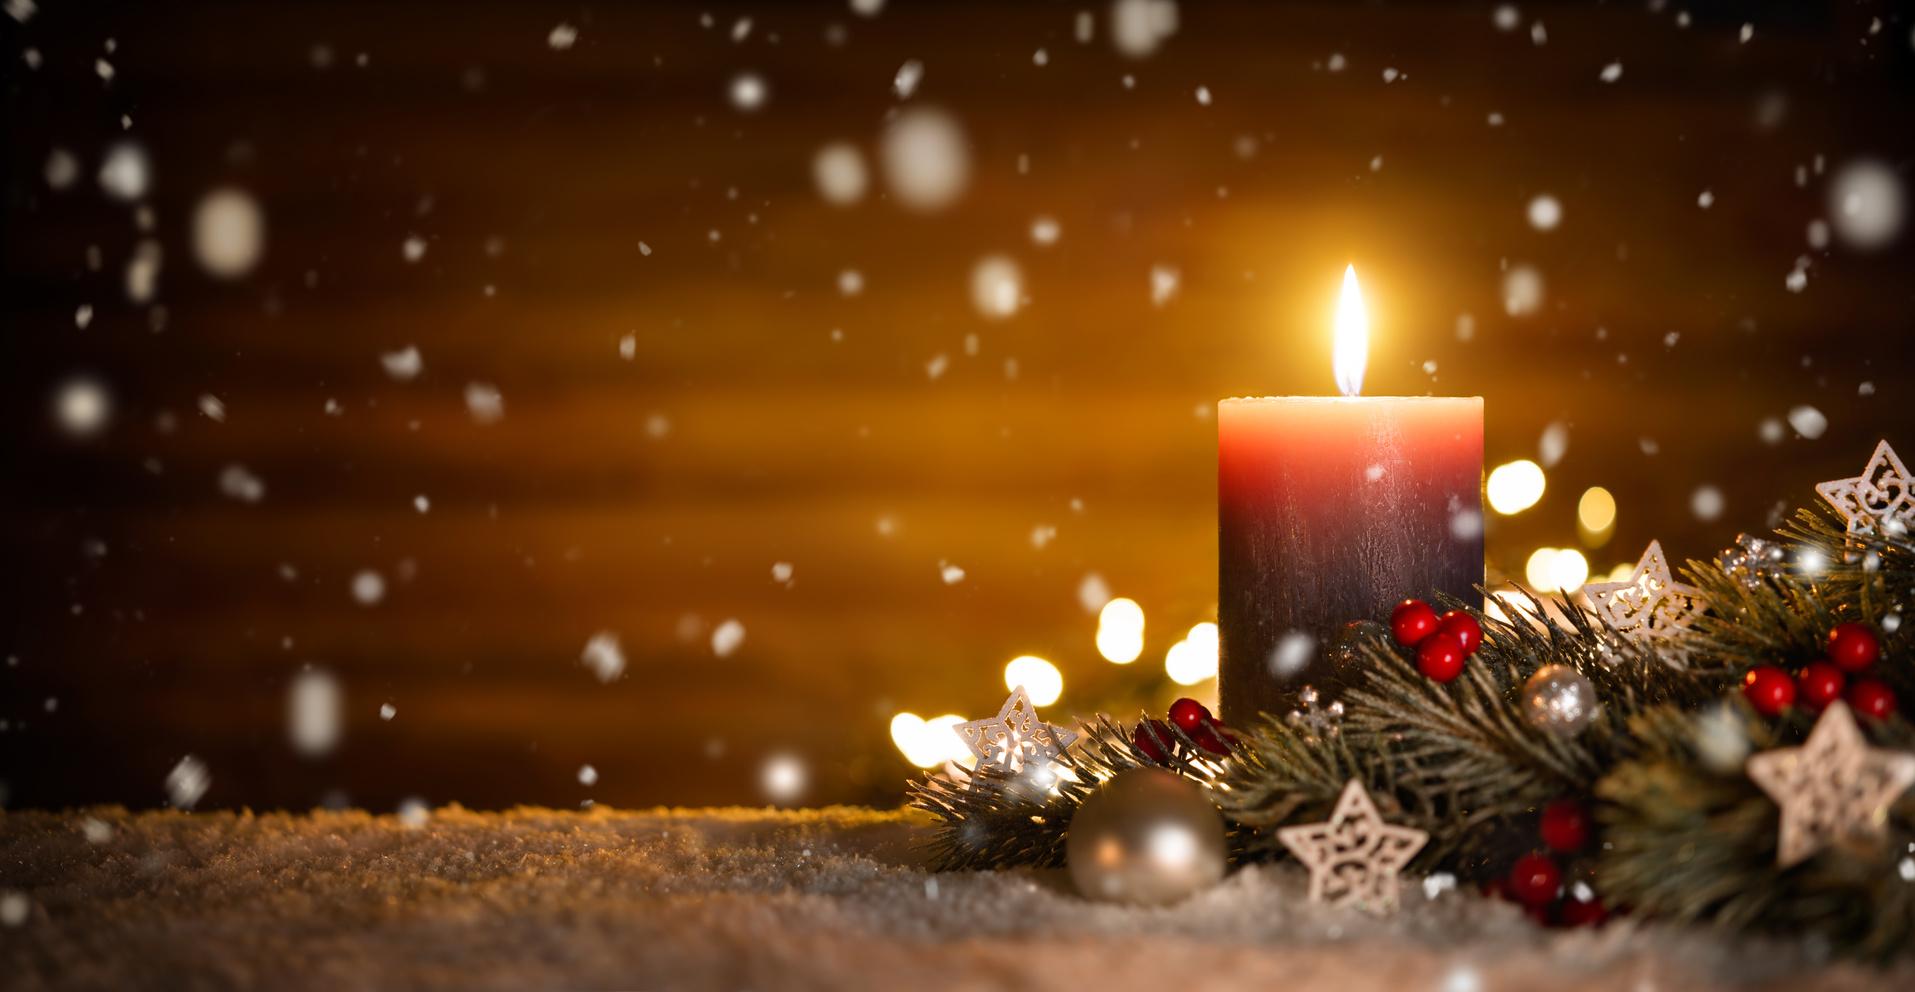 Adventskalender zum Hören: Tod unter Lametta / 24 Geschichten durch die Weihnachtszeit + andere kostenlose Hörgeschichten